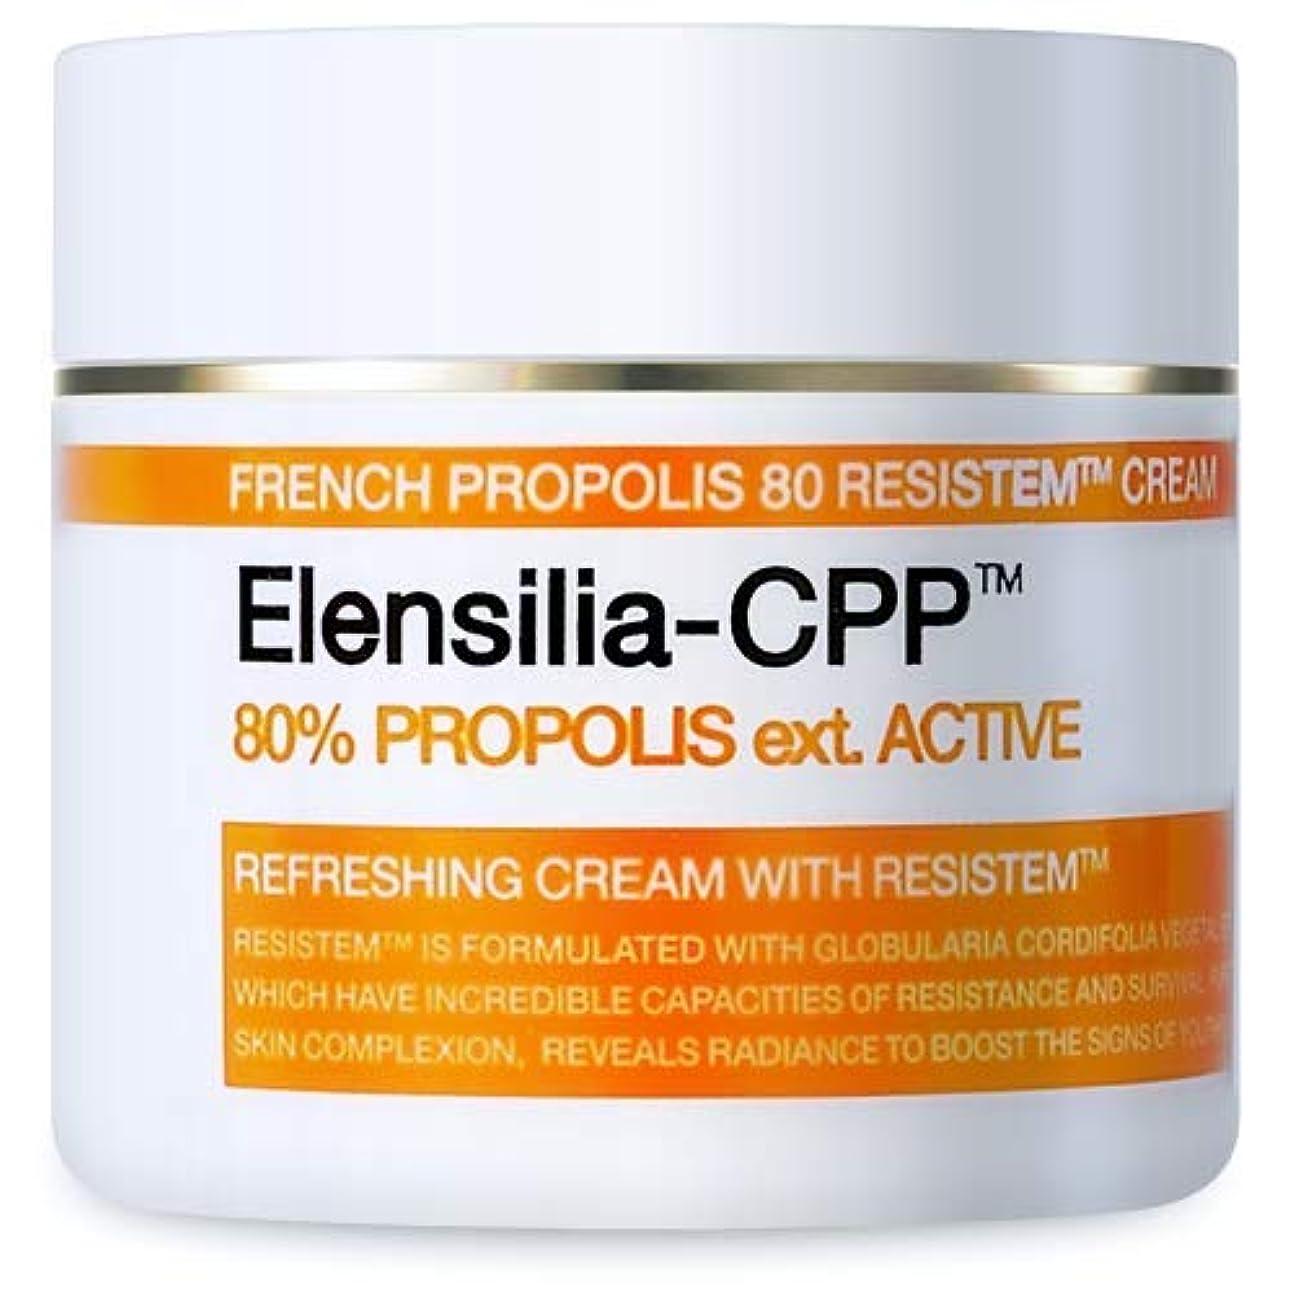 批評連邦法医学Elensilia CPP フレンチ プロポリス 80 リシステム クリーム / CPP French Propolis 80 Resistem Cream (50g) [並行輸入品]